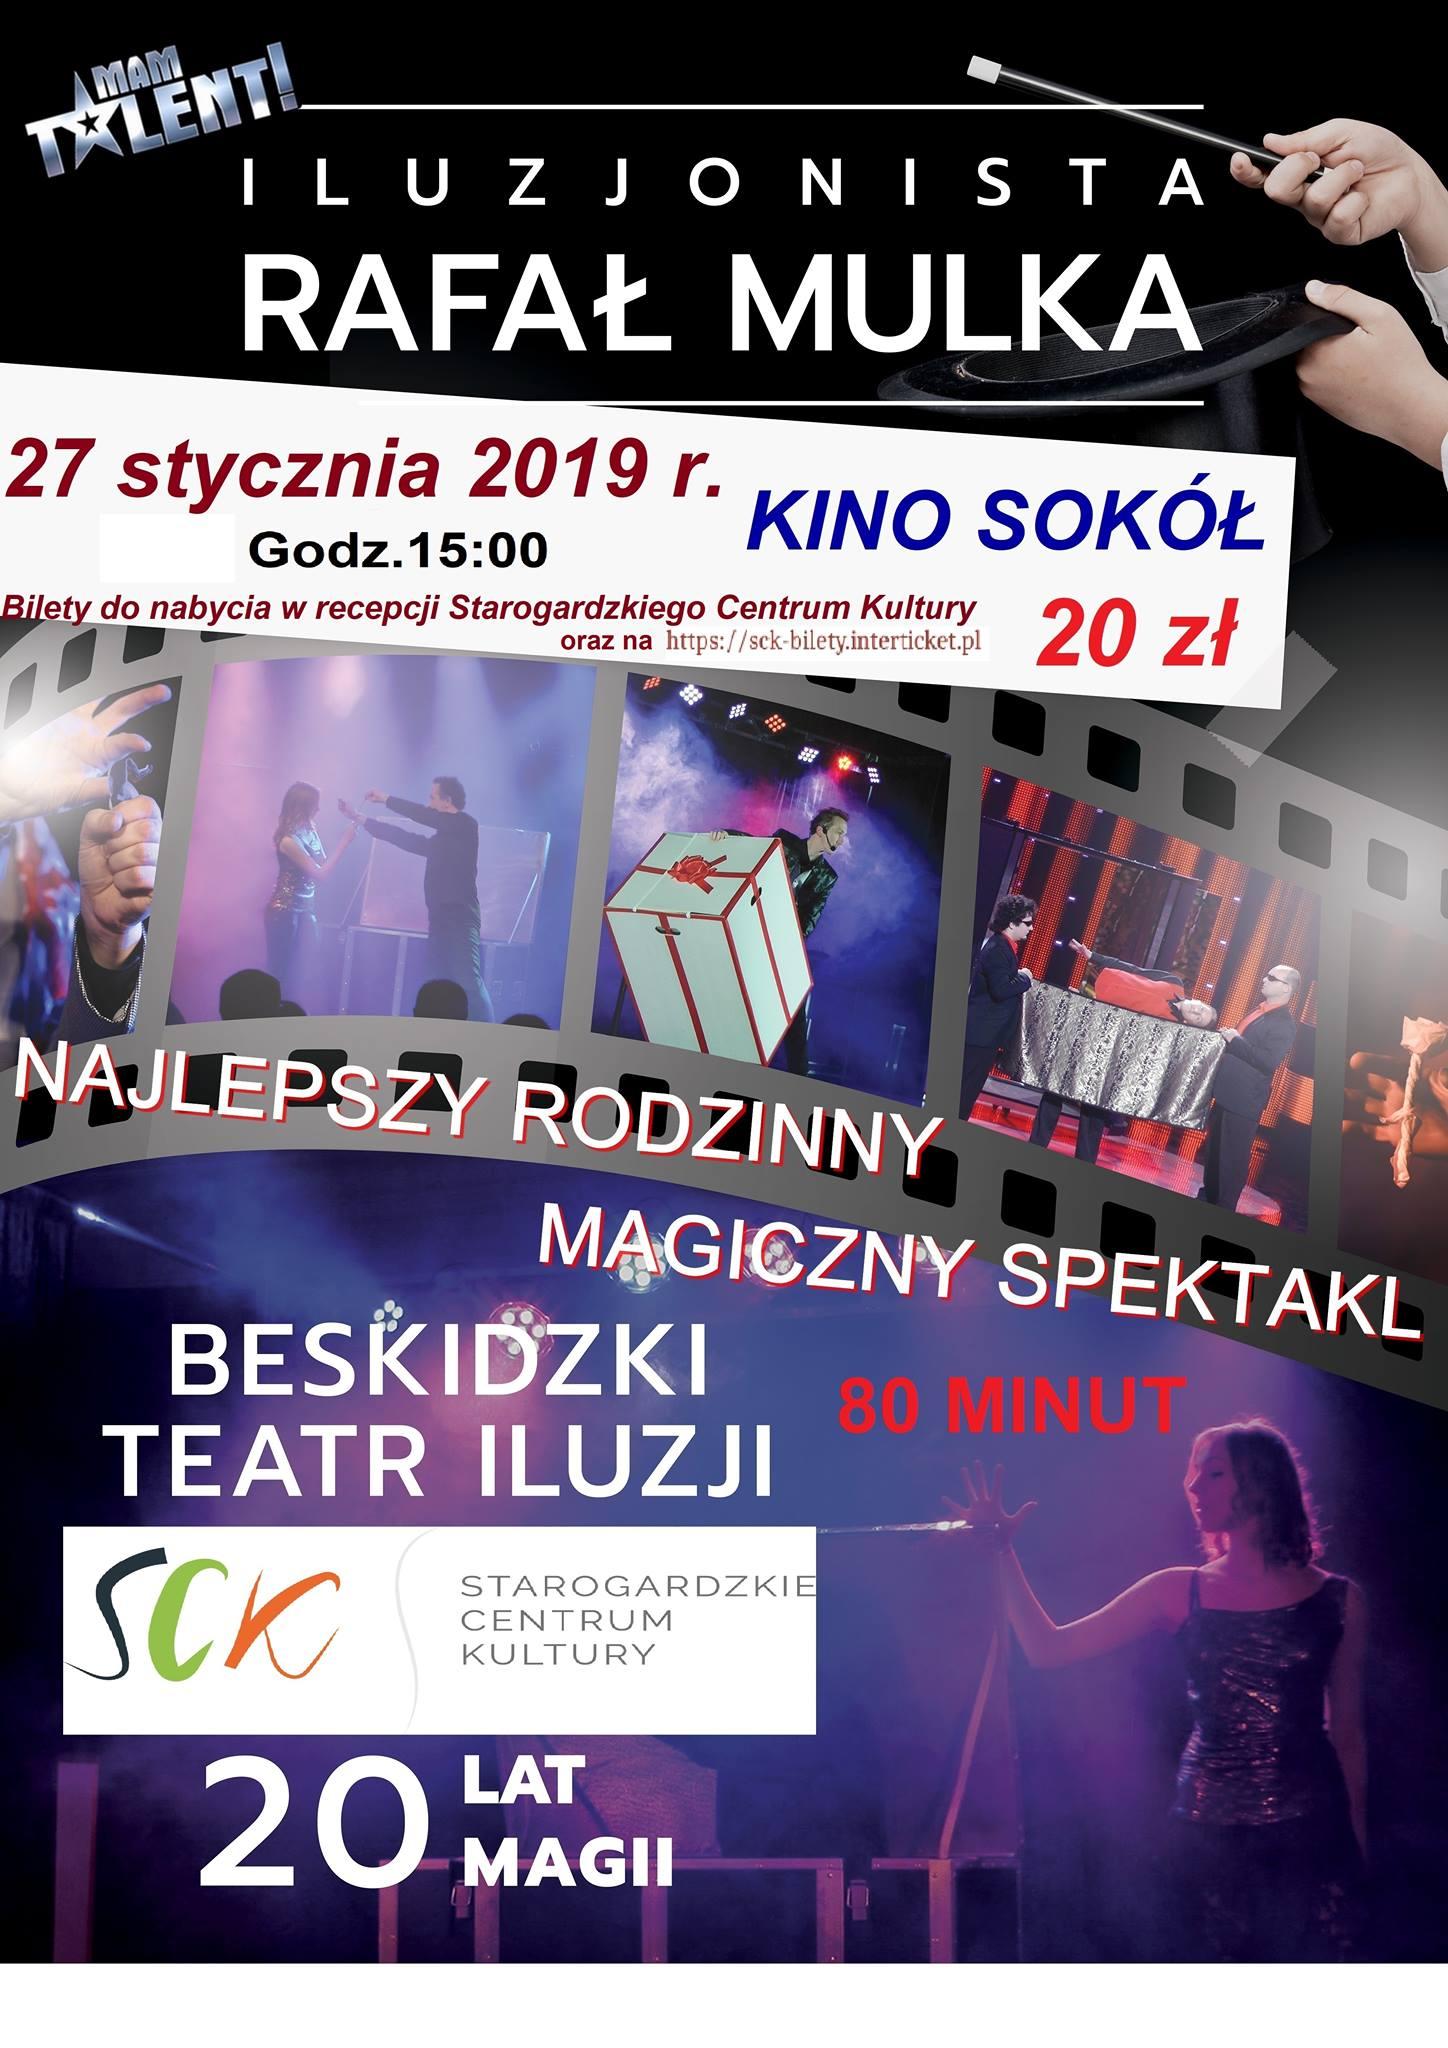 Magiczny Spektakl - Iluzjonista Rafał Mulka